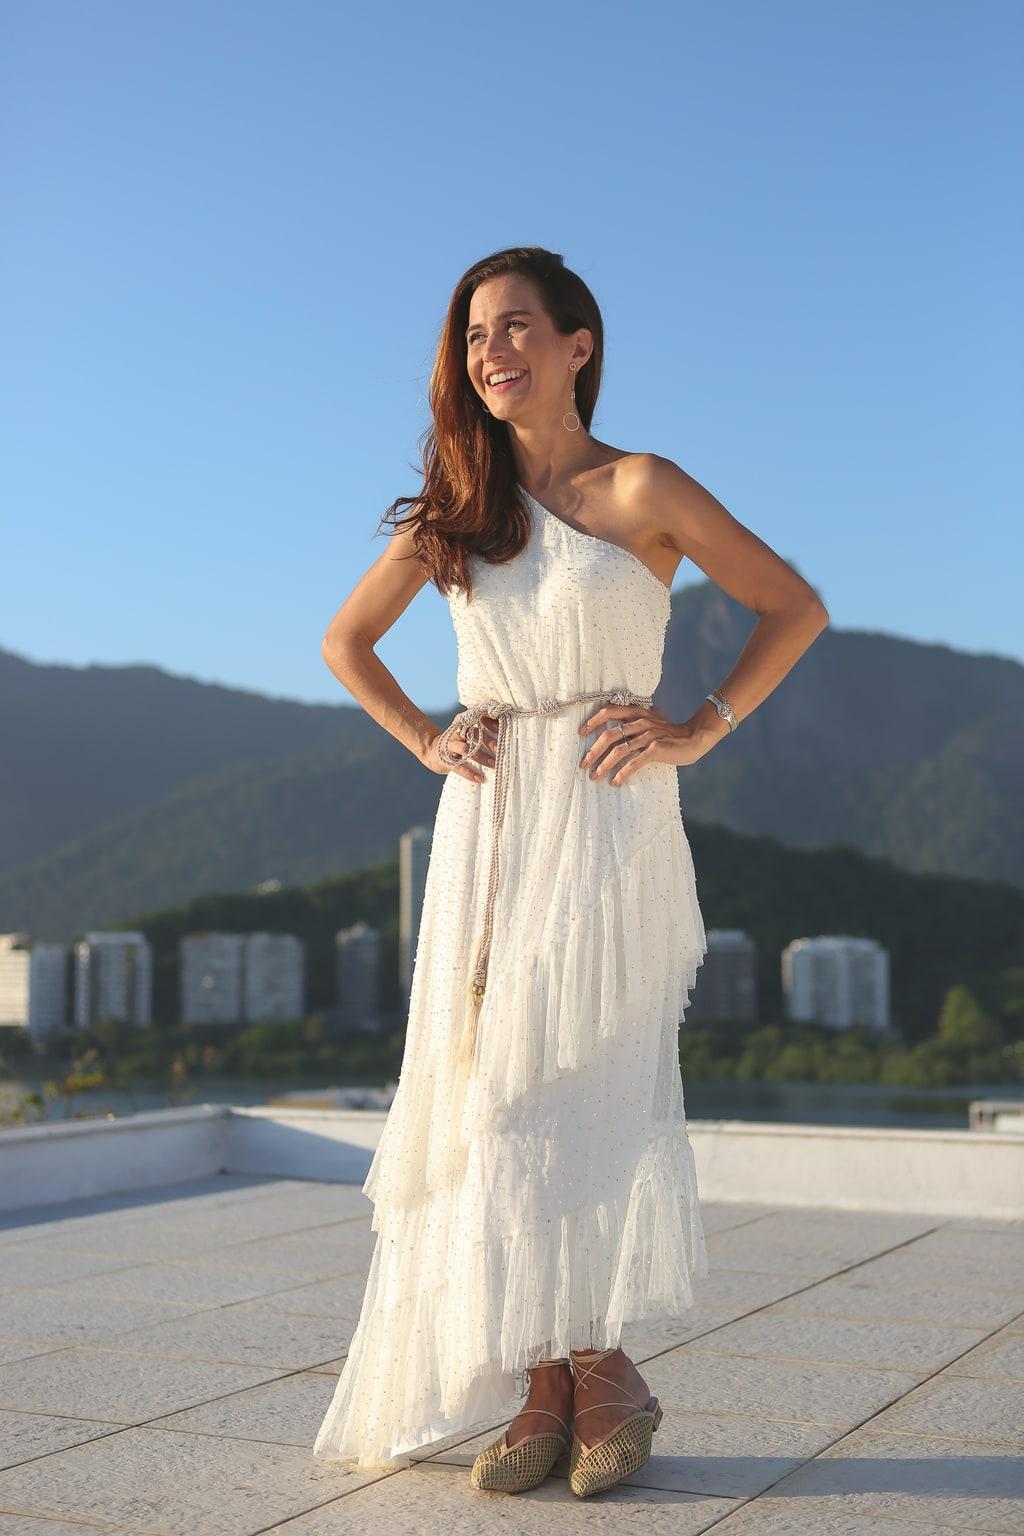 vestidos-ano-novo-reveillon-vestido-de-festa-julia-golldenzon-61